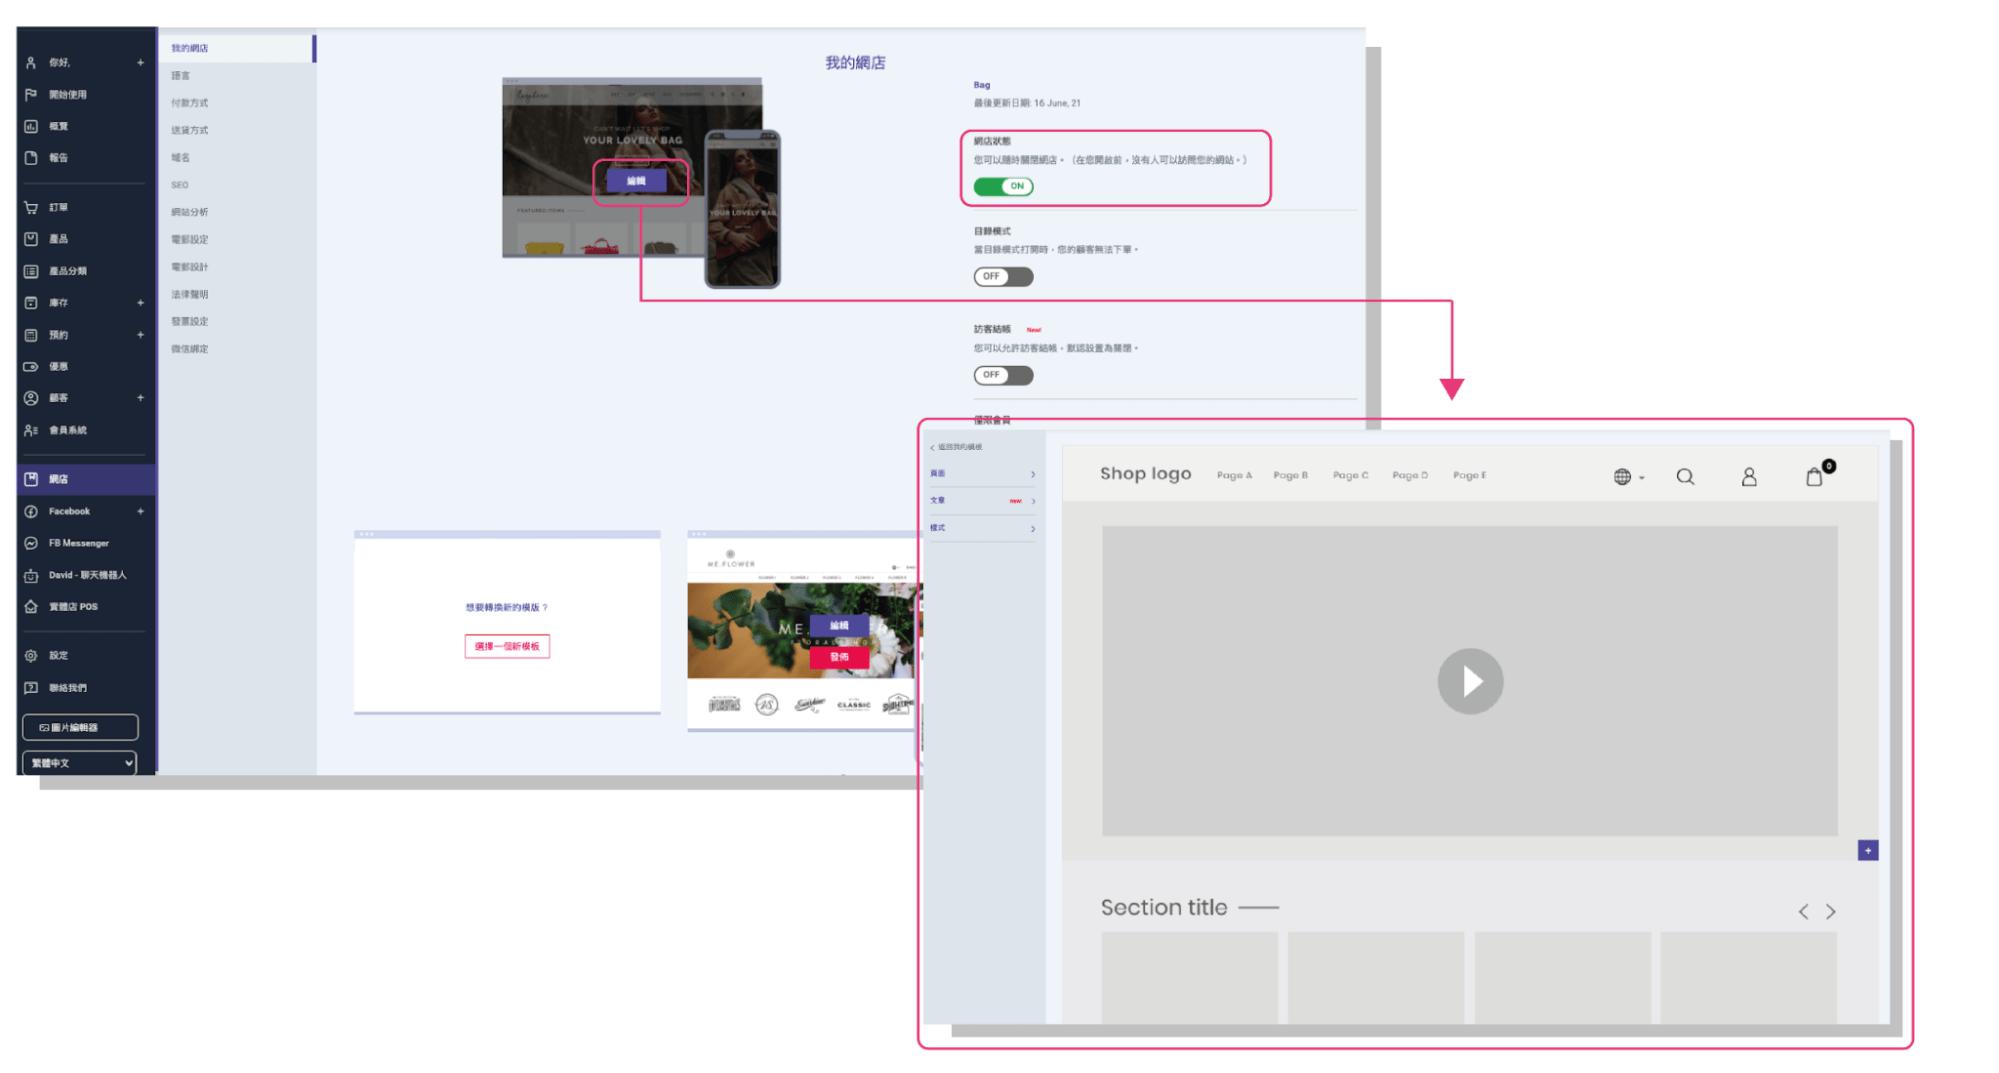 Web Storefront Design